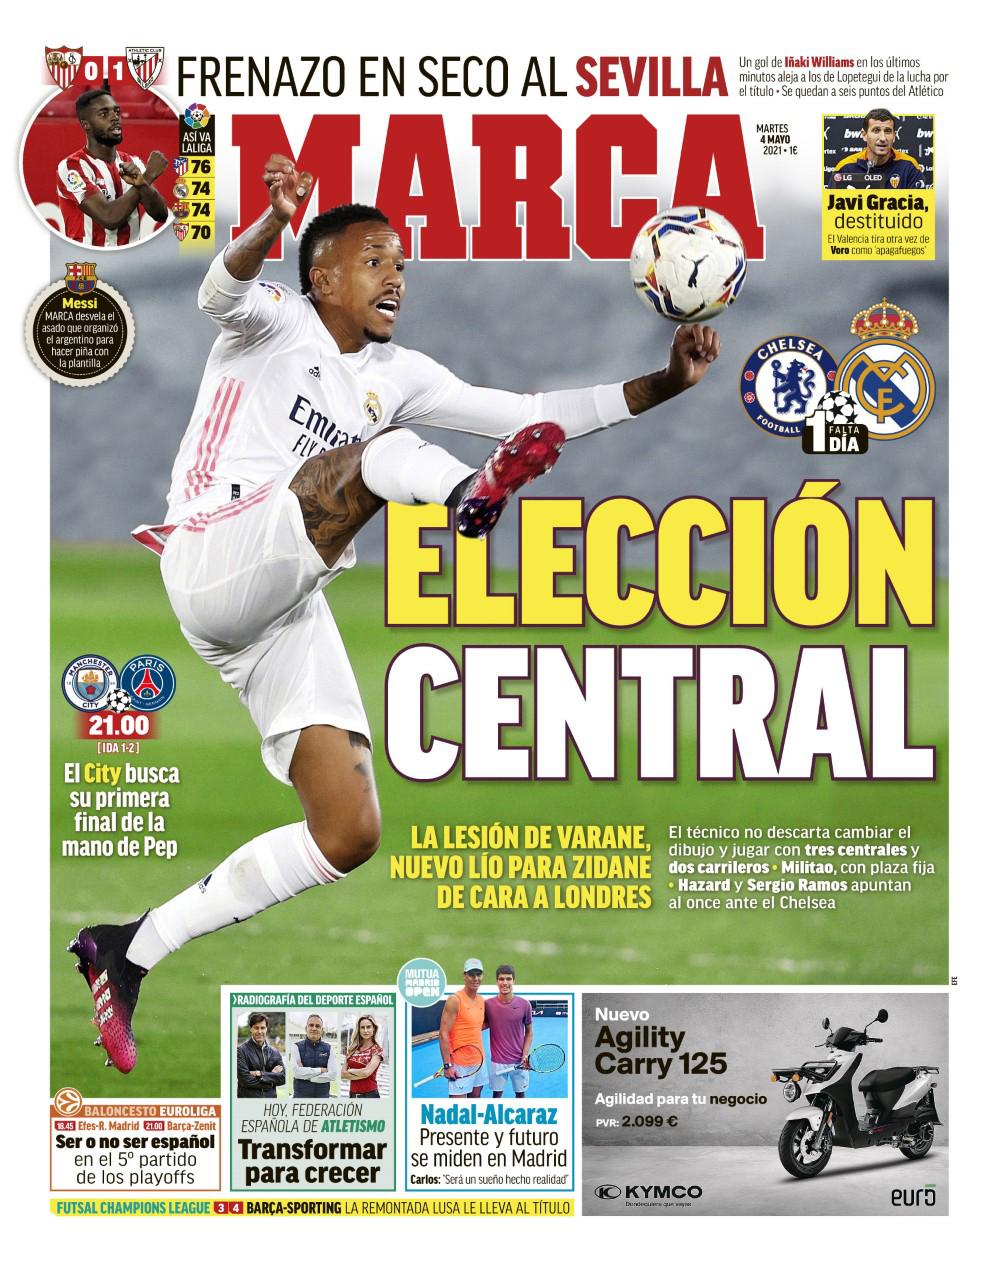 Documentos españoles de hoy: Zinedine Zidane se enfrenta a problemas de lesiones antes de la eliminatoria del Chelsea y Memphis Depay se acerca a la jugada de Barcelona